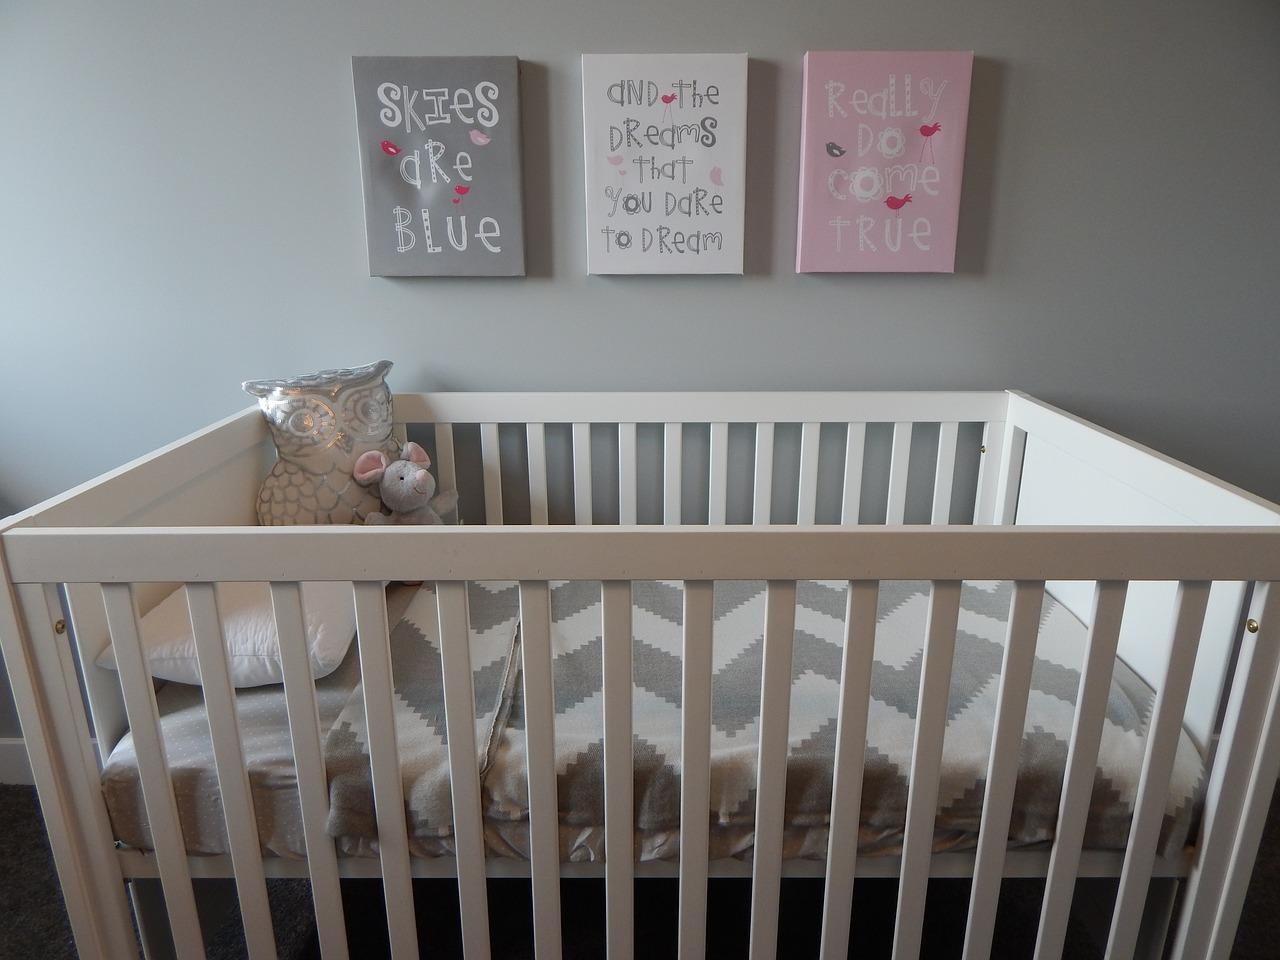 赤ちゃんの早起きに夫が対応して妻の睡眠時間を確保することはベホイミくらいの効果がある